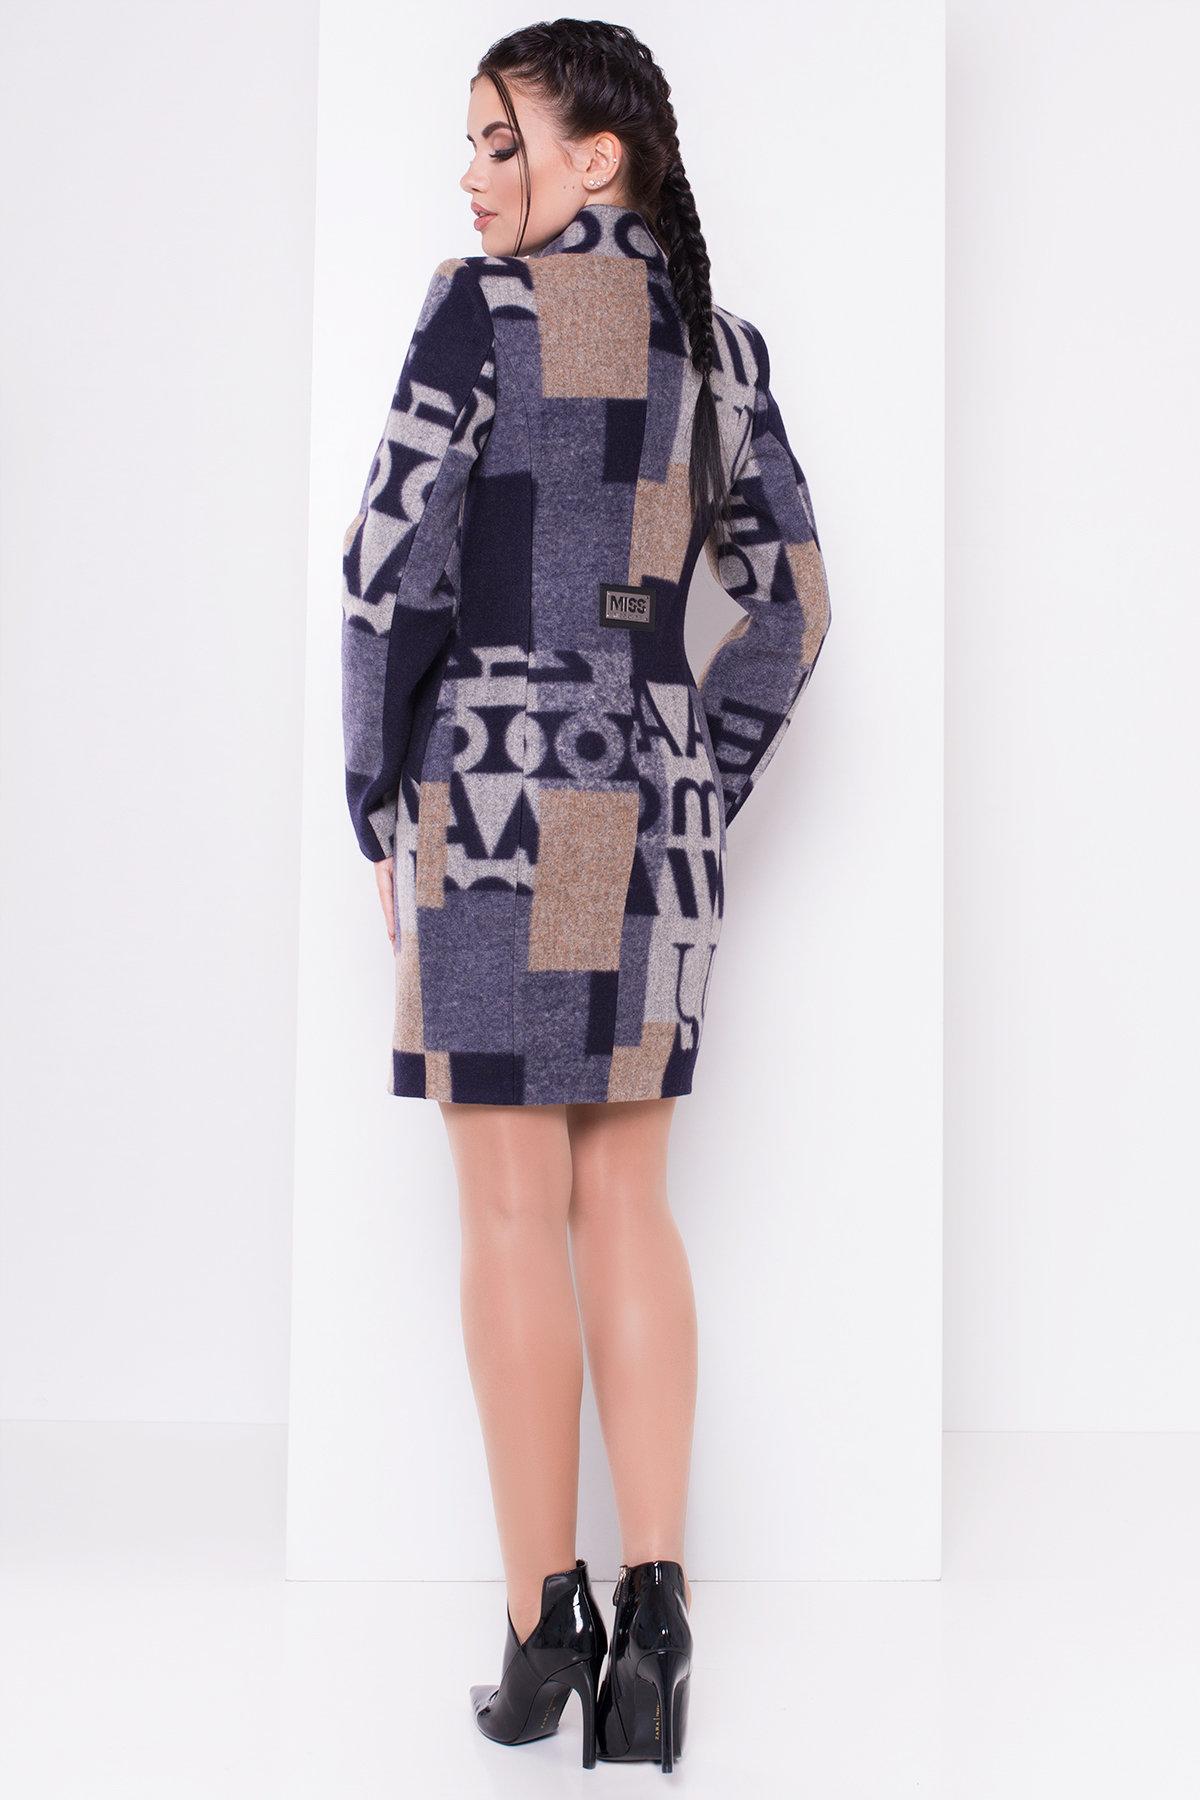 Пальто Луара 0505 АРТ. 6984 Цвет: Тёмно-синий/серый Буквы Д5/С2 - фото 3, интернет магазин tm-modus.ru